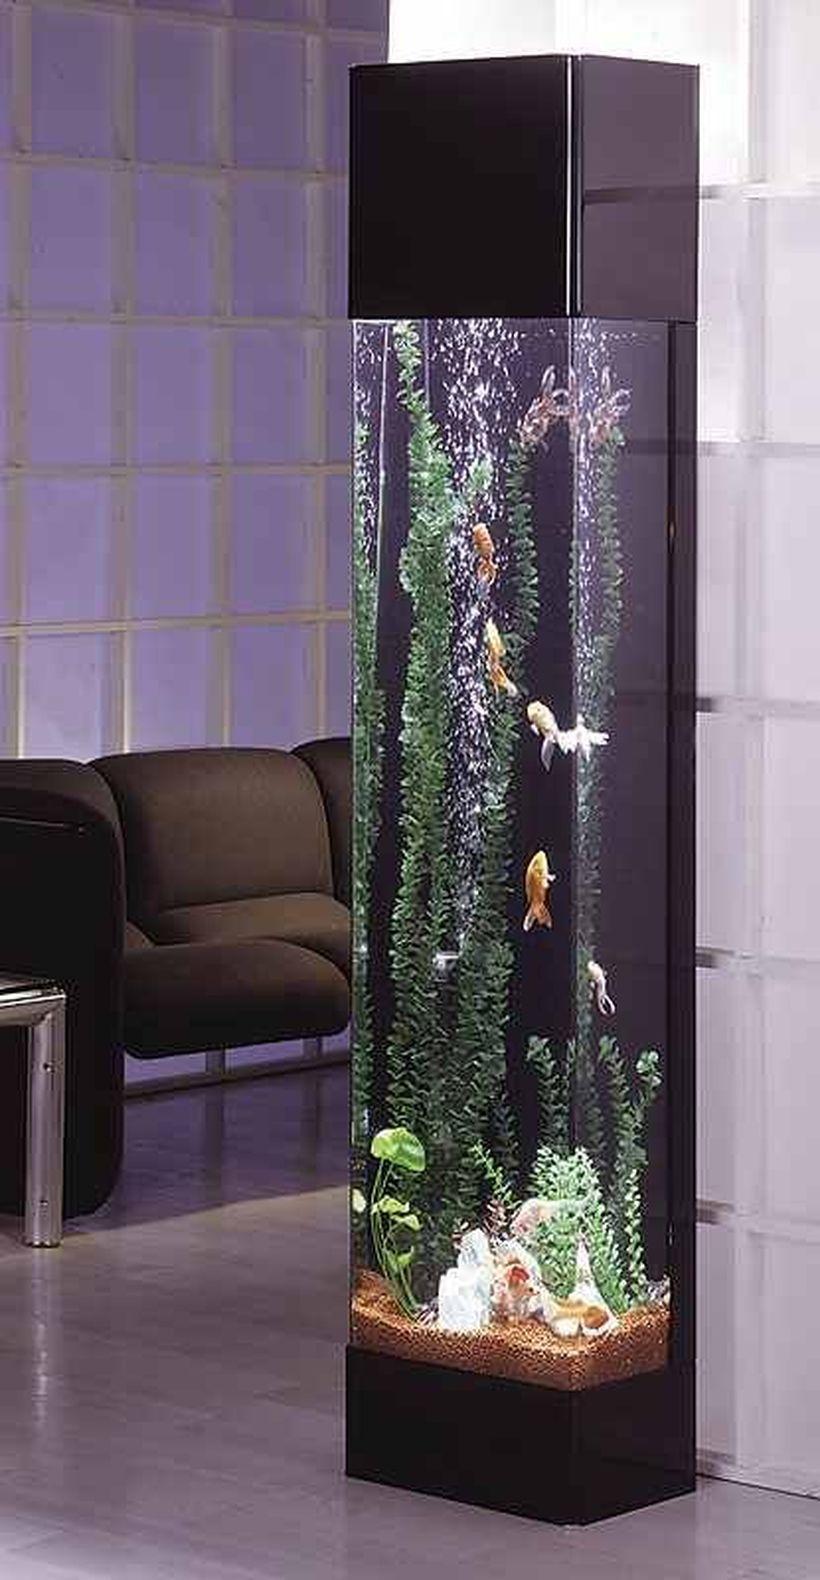 Amazing Aquarium Design Ideas For Indoor Decor 71 Maison Design